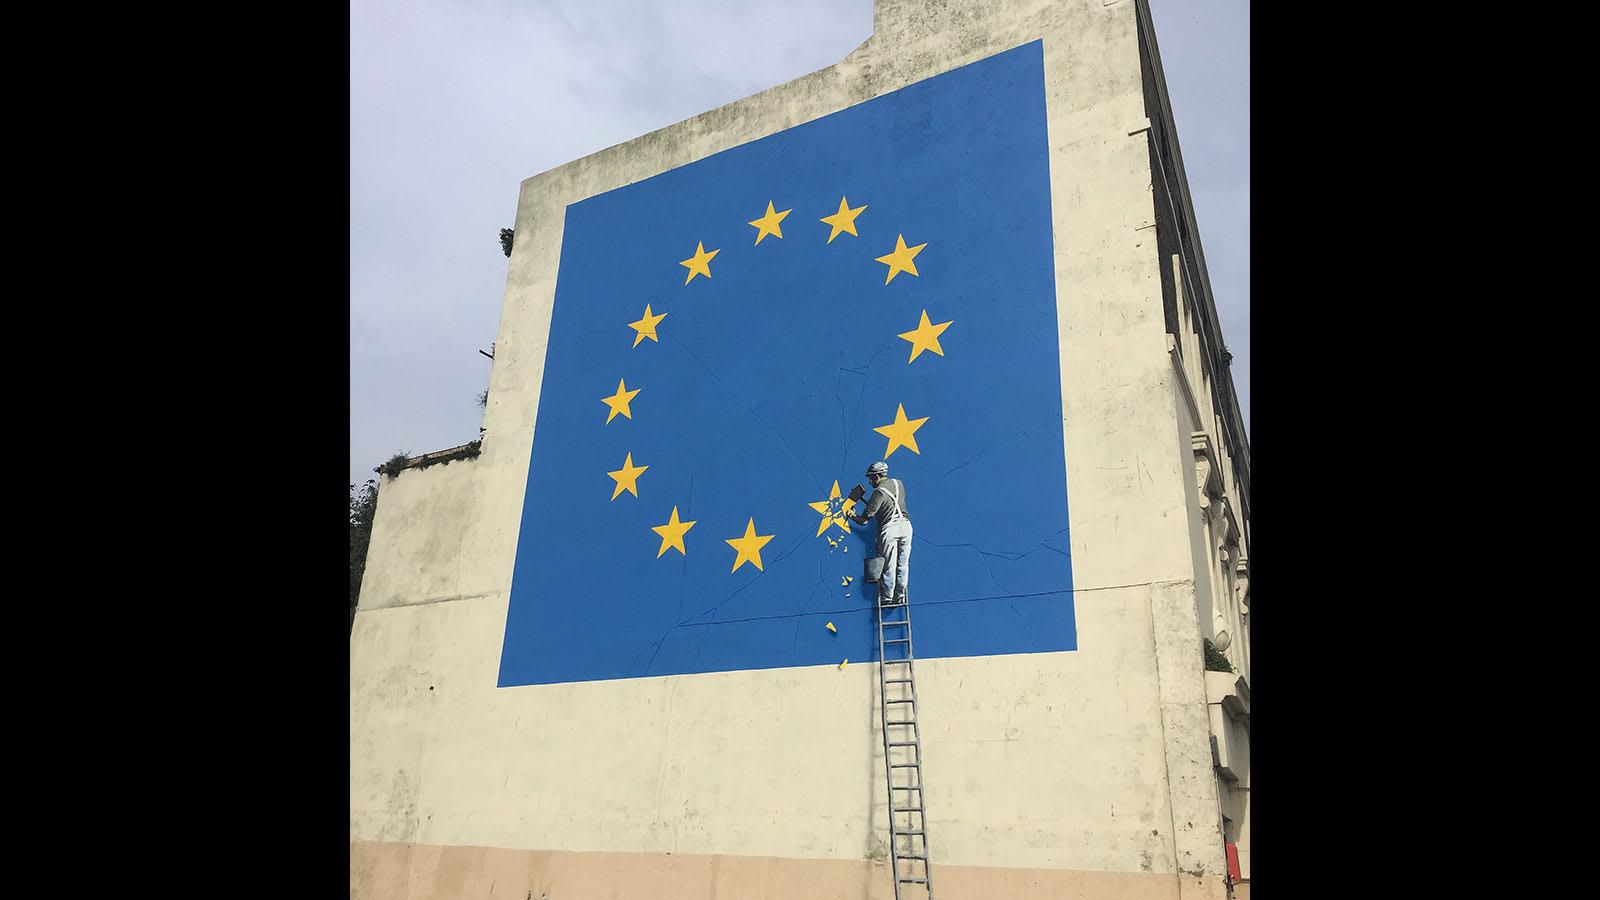 """ما سر اختفاء لوحة """"بريكست"""" الجدارية الشهيرة لفنان الغرافيتي بانسكي؟"""